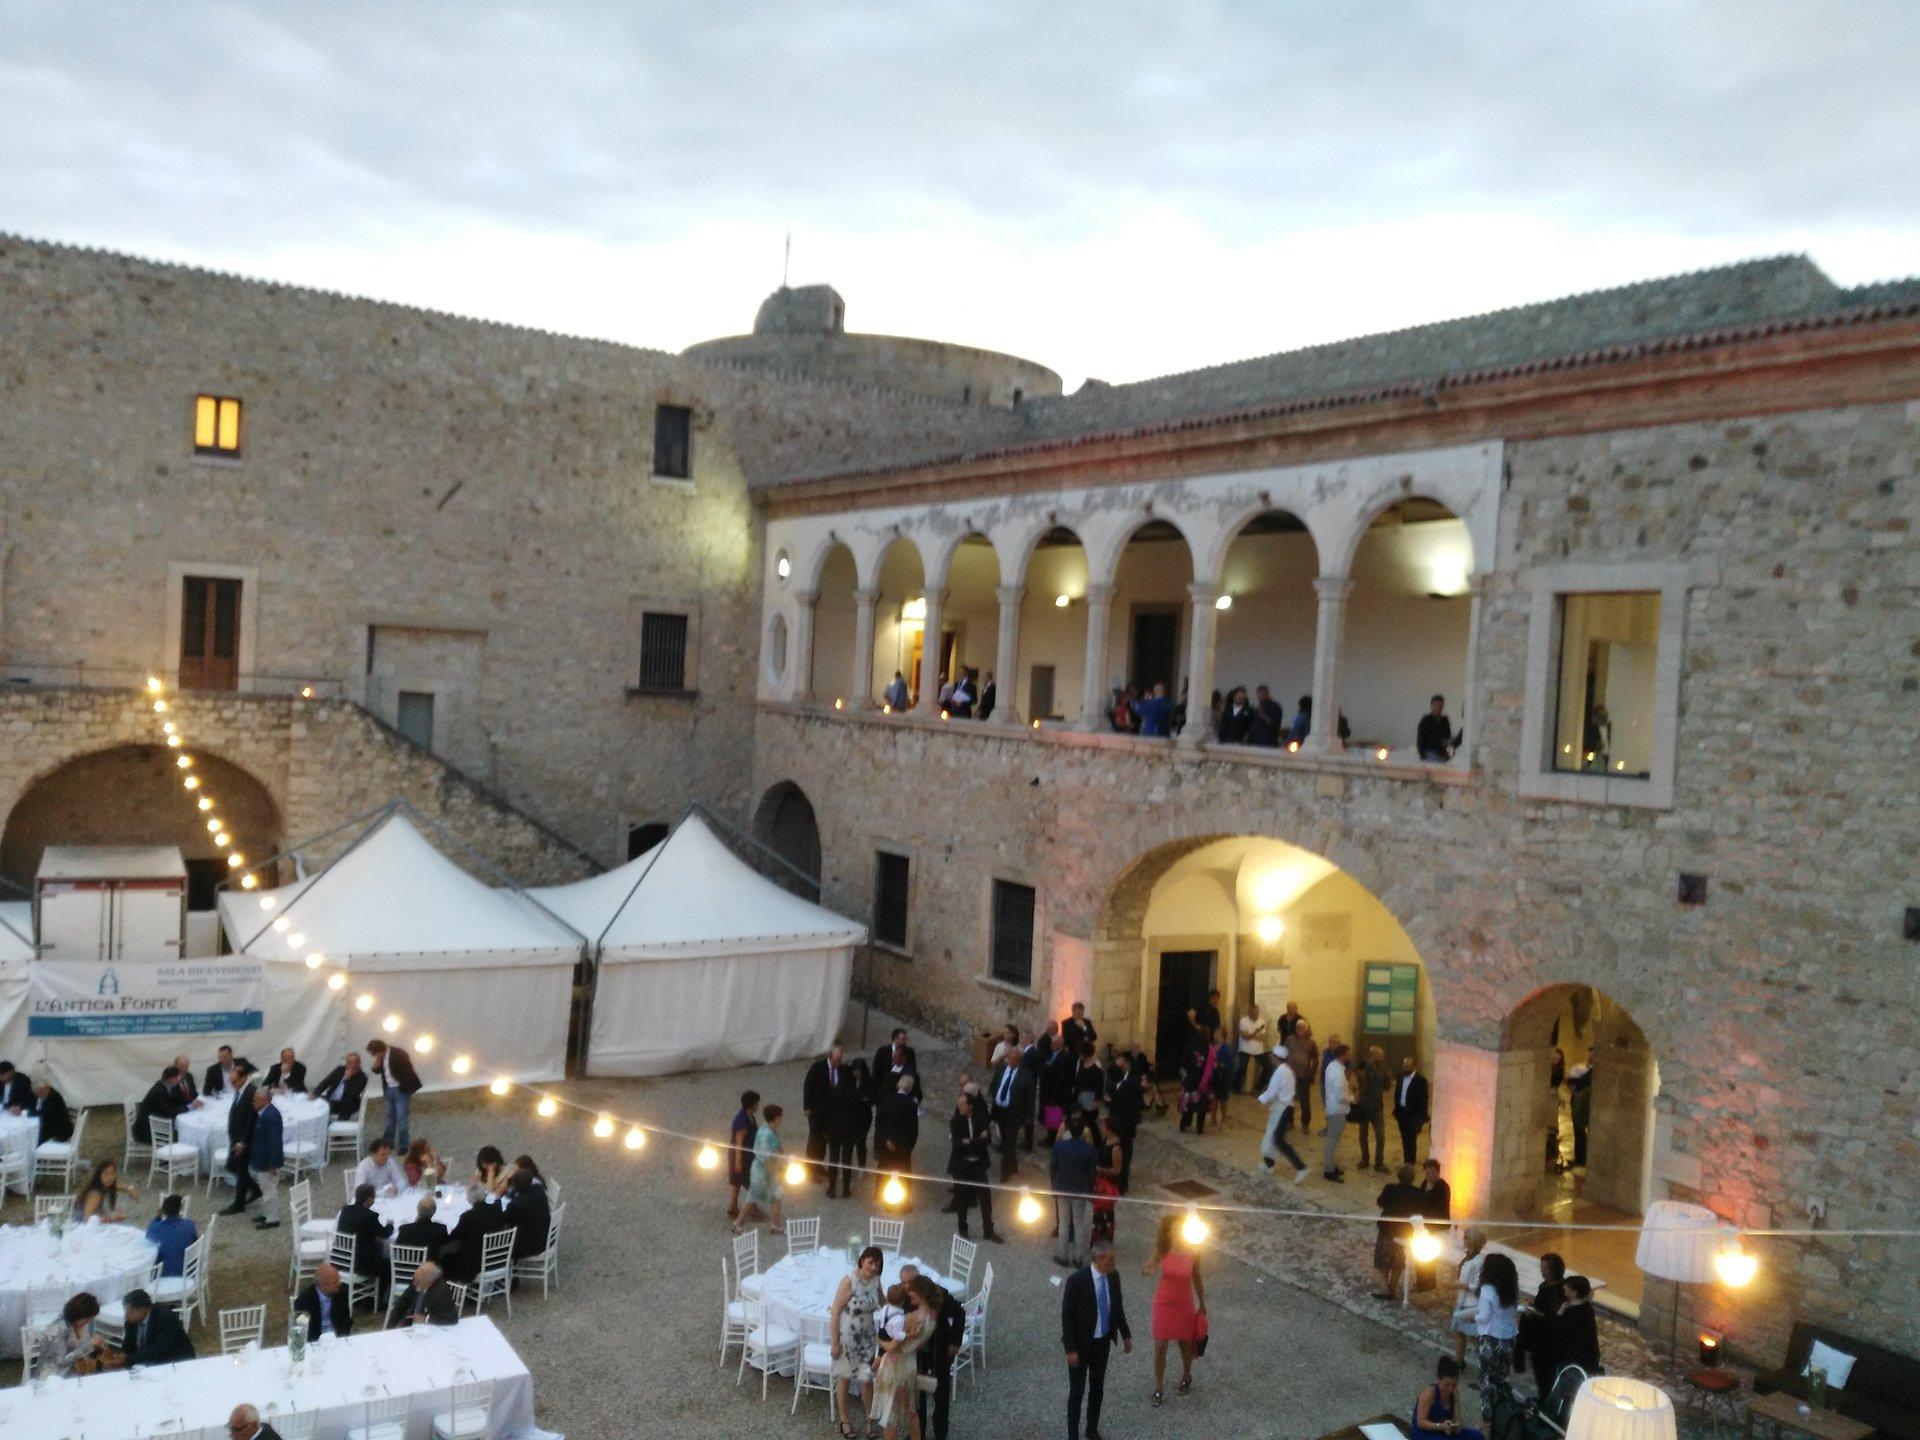 evento organizzato all'aperto con decorazioni bianche